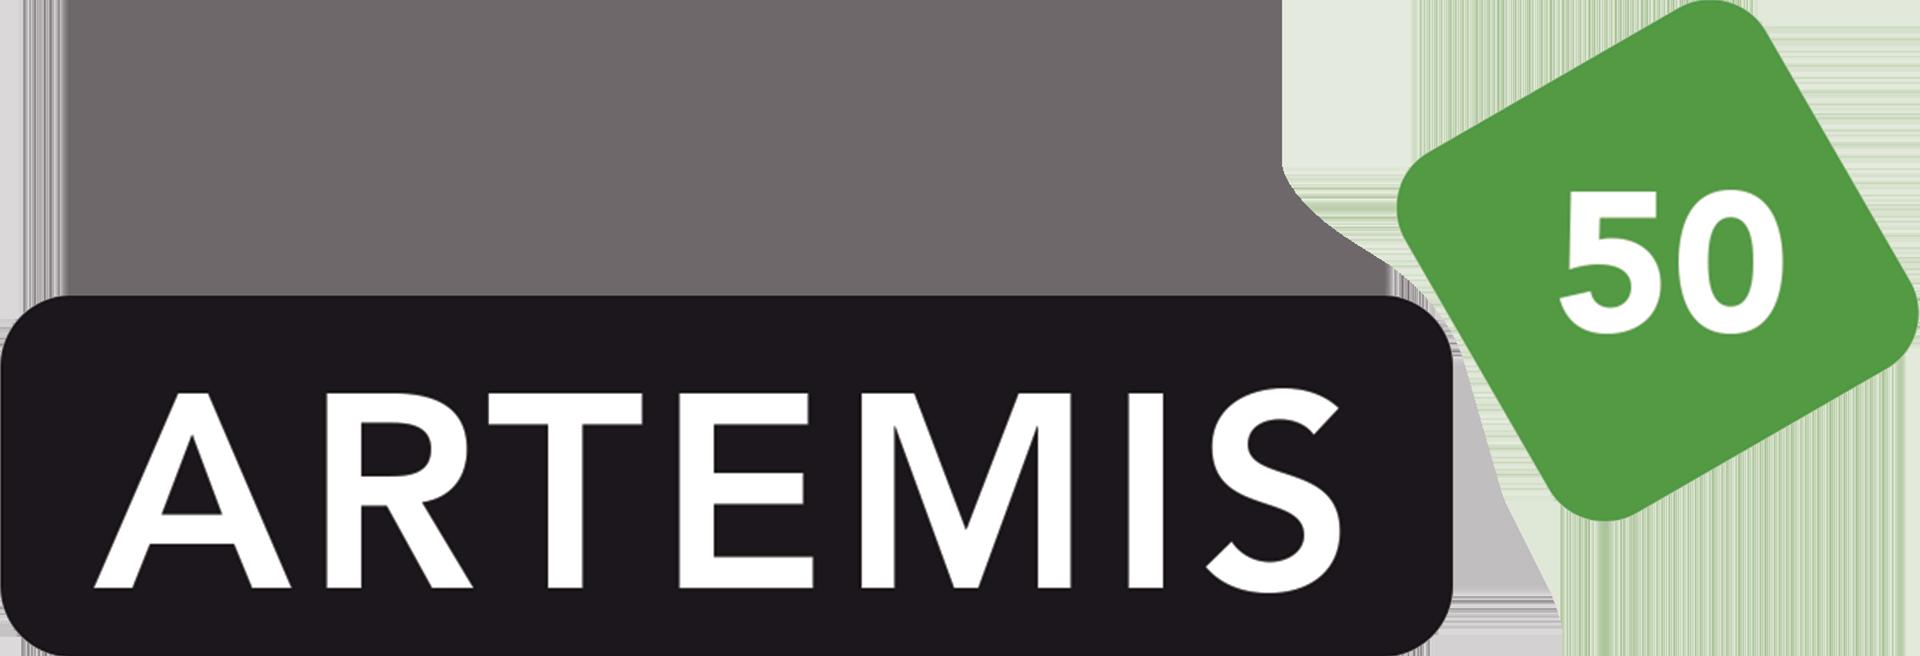 Artemis 50 Logo